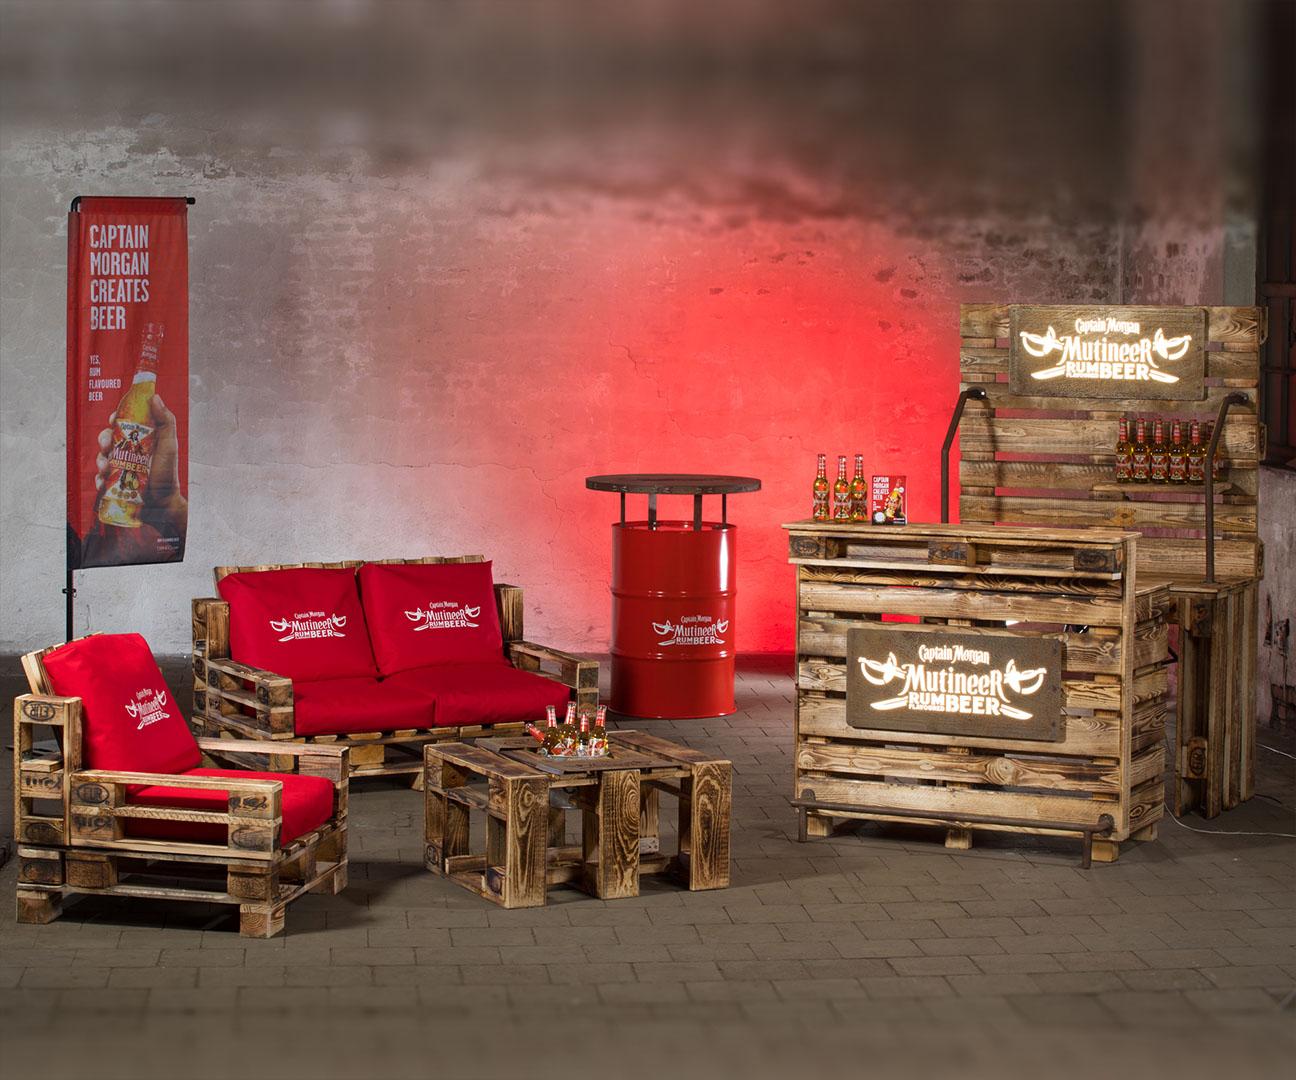 Local Heros Dortmund - Der Kunde ist bei uns König - Firmenlogos gelasert in diverse Materialen und als Druck auf Kissen